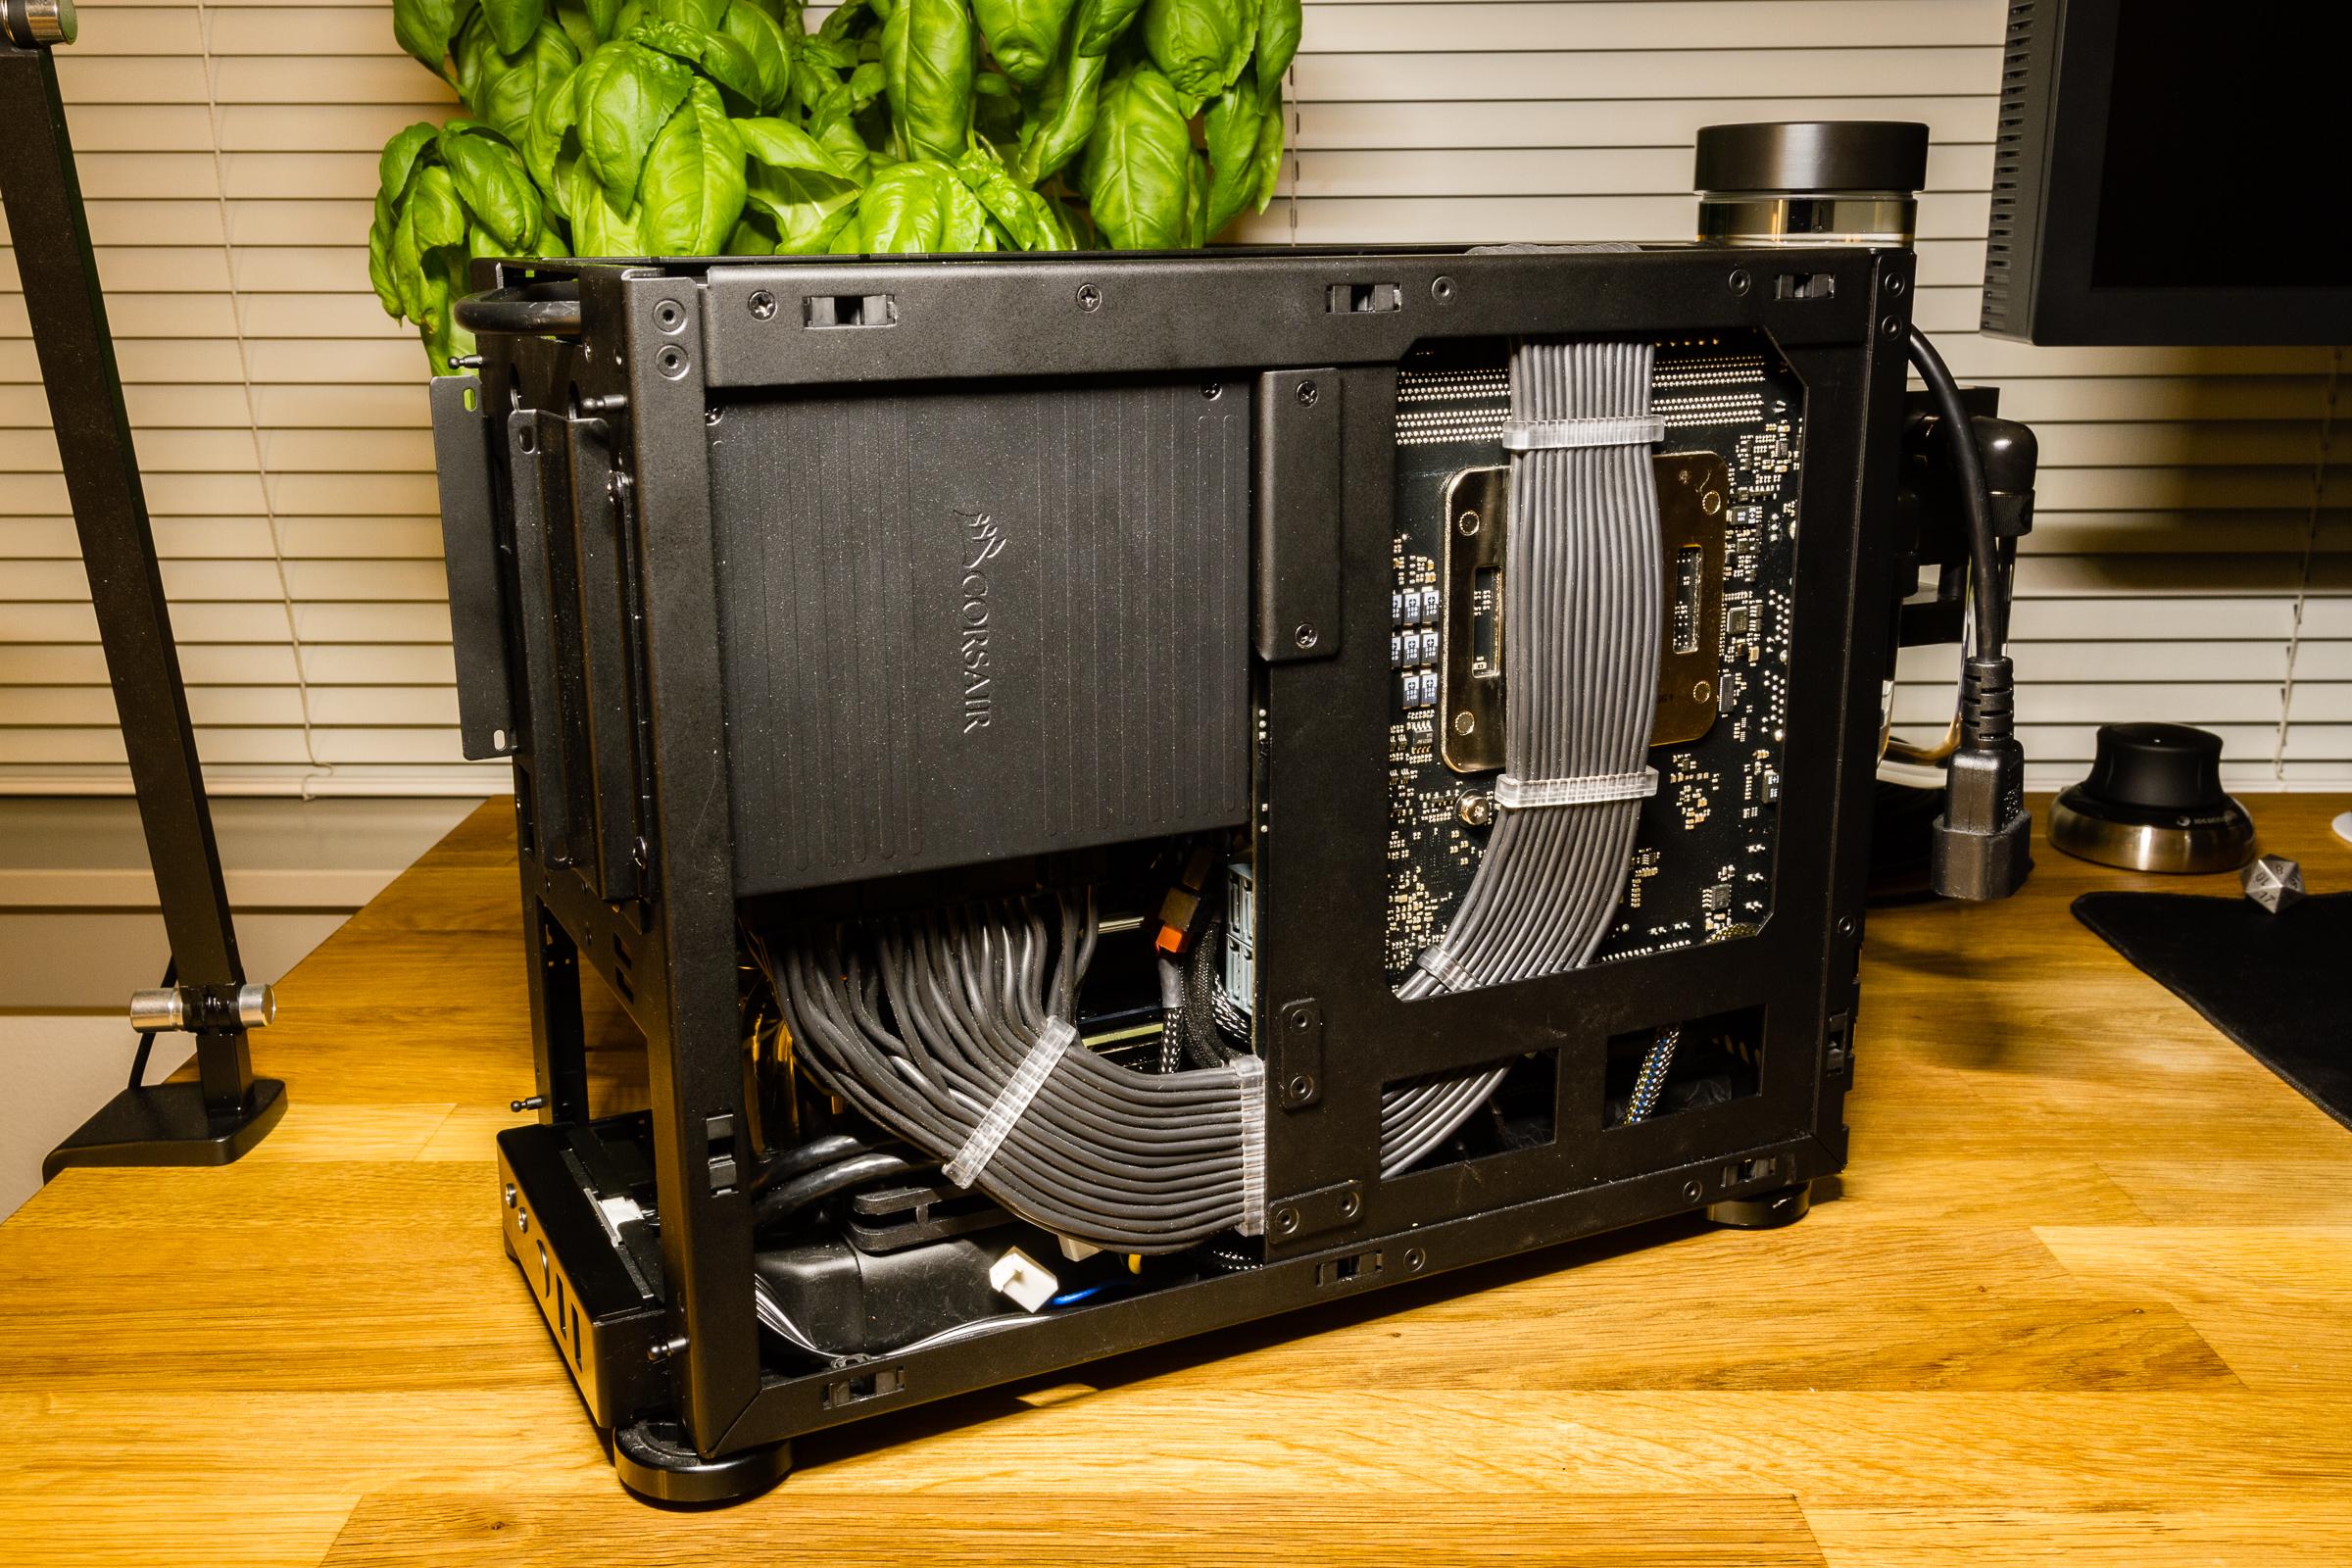 Push Pull Cables >> NCASE M1 Workstation Computer | 0x7D.com